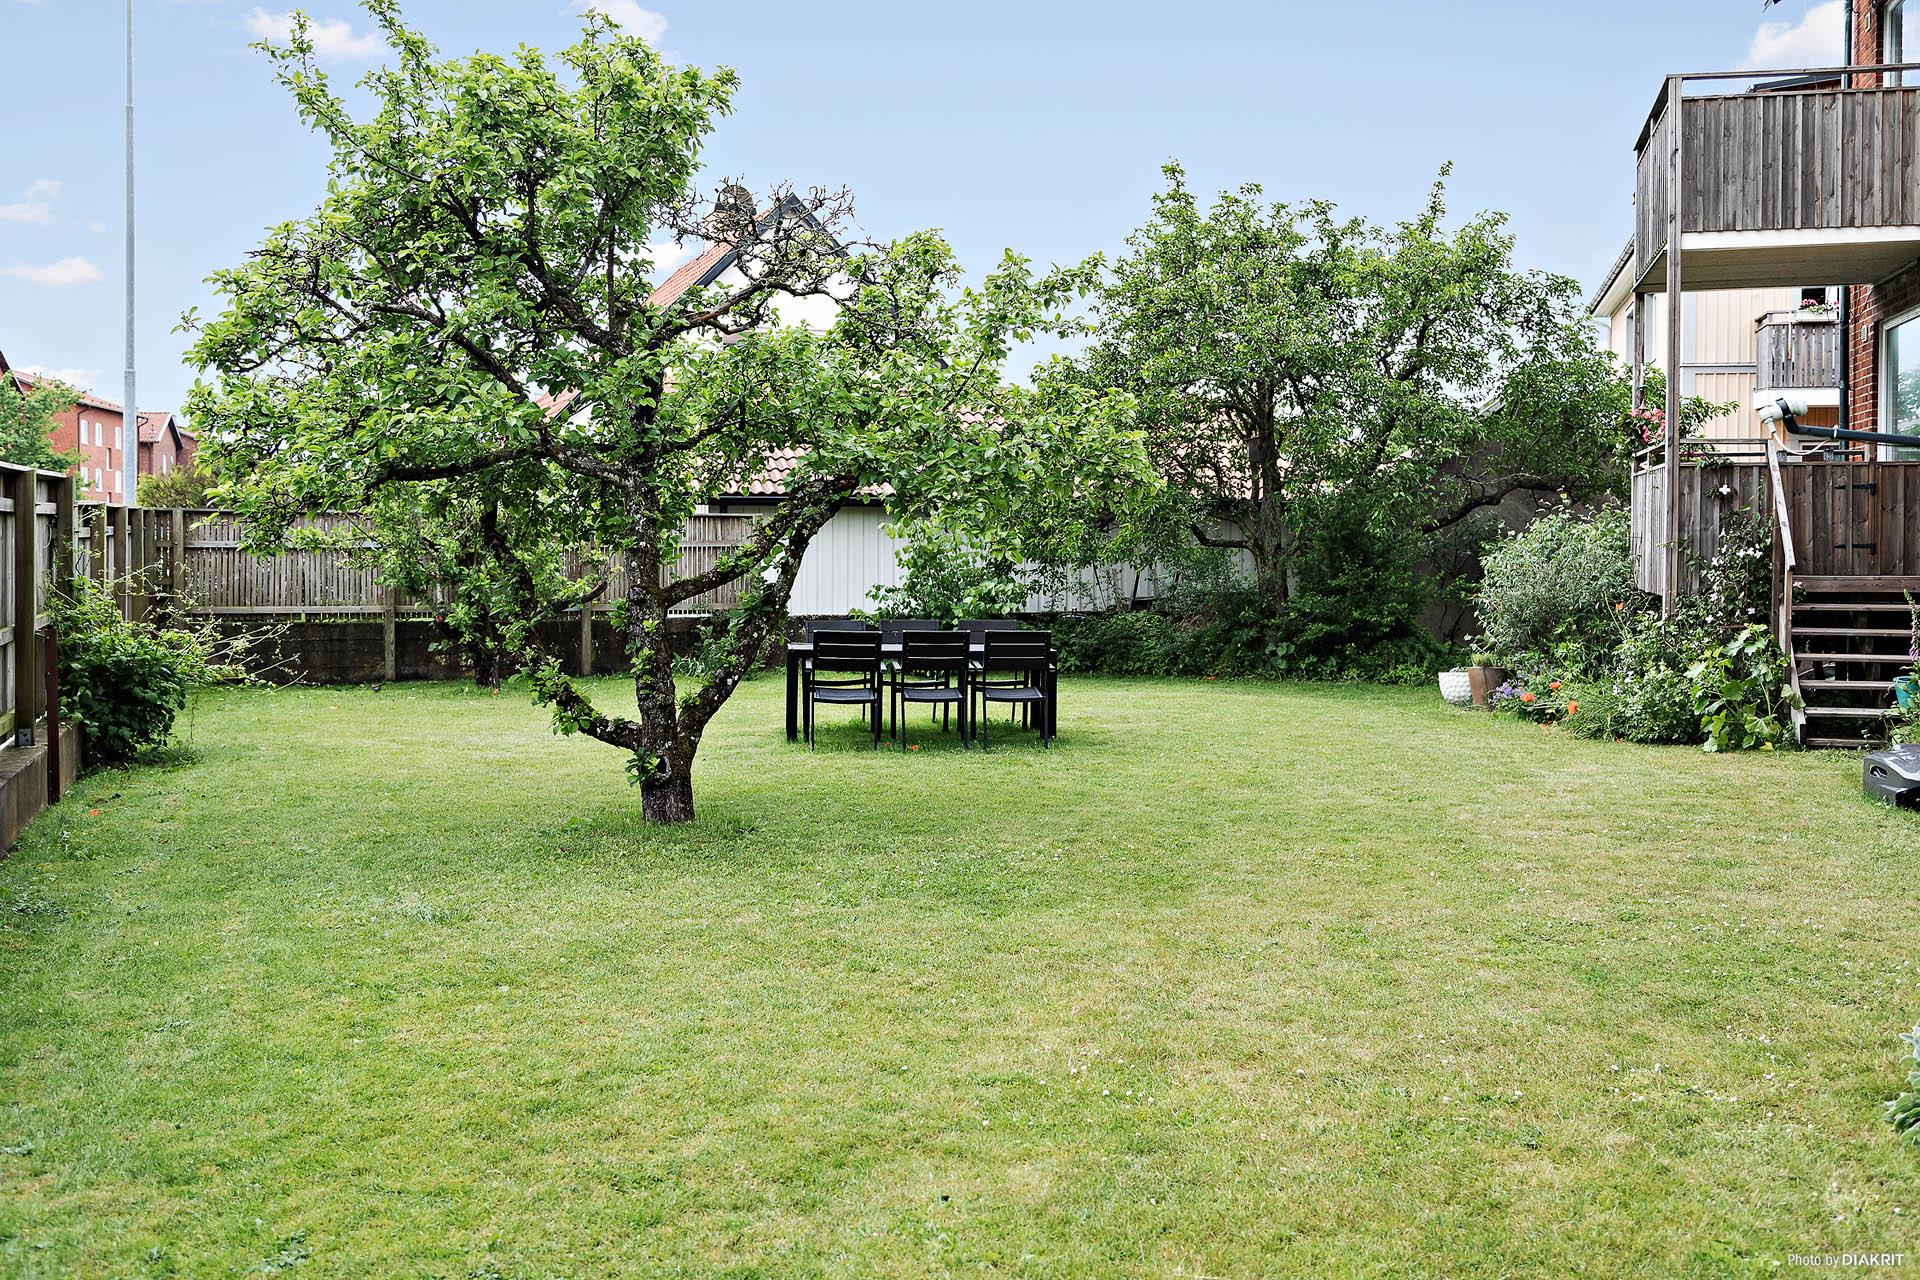 Stor gemensam trädgård där barfota fötter kan springa av sig.